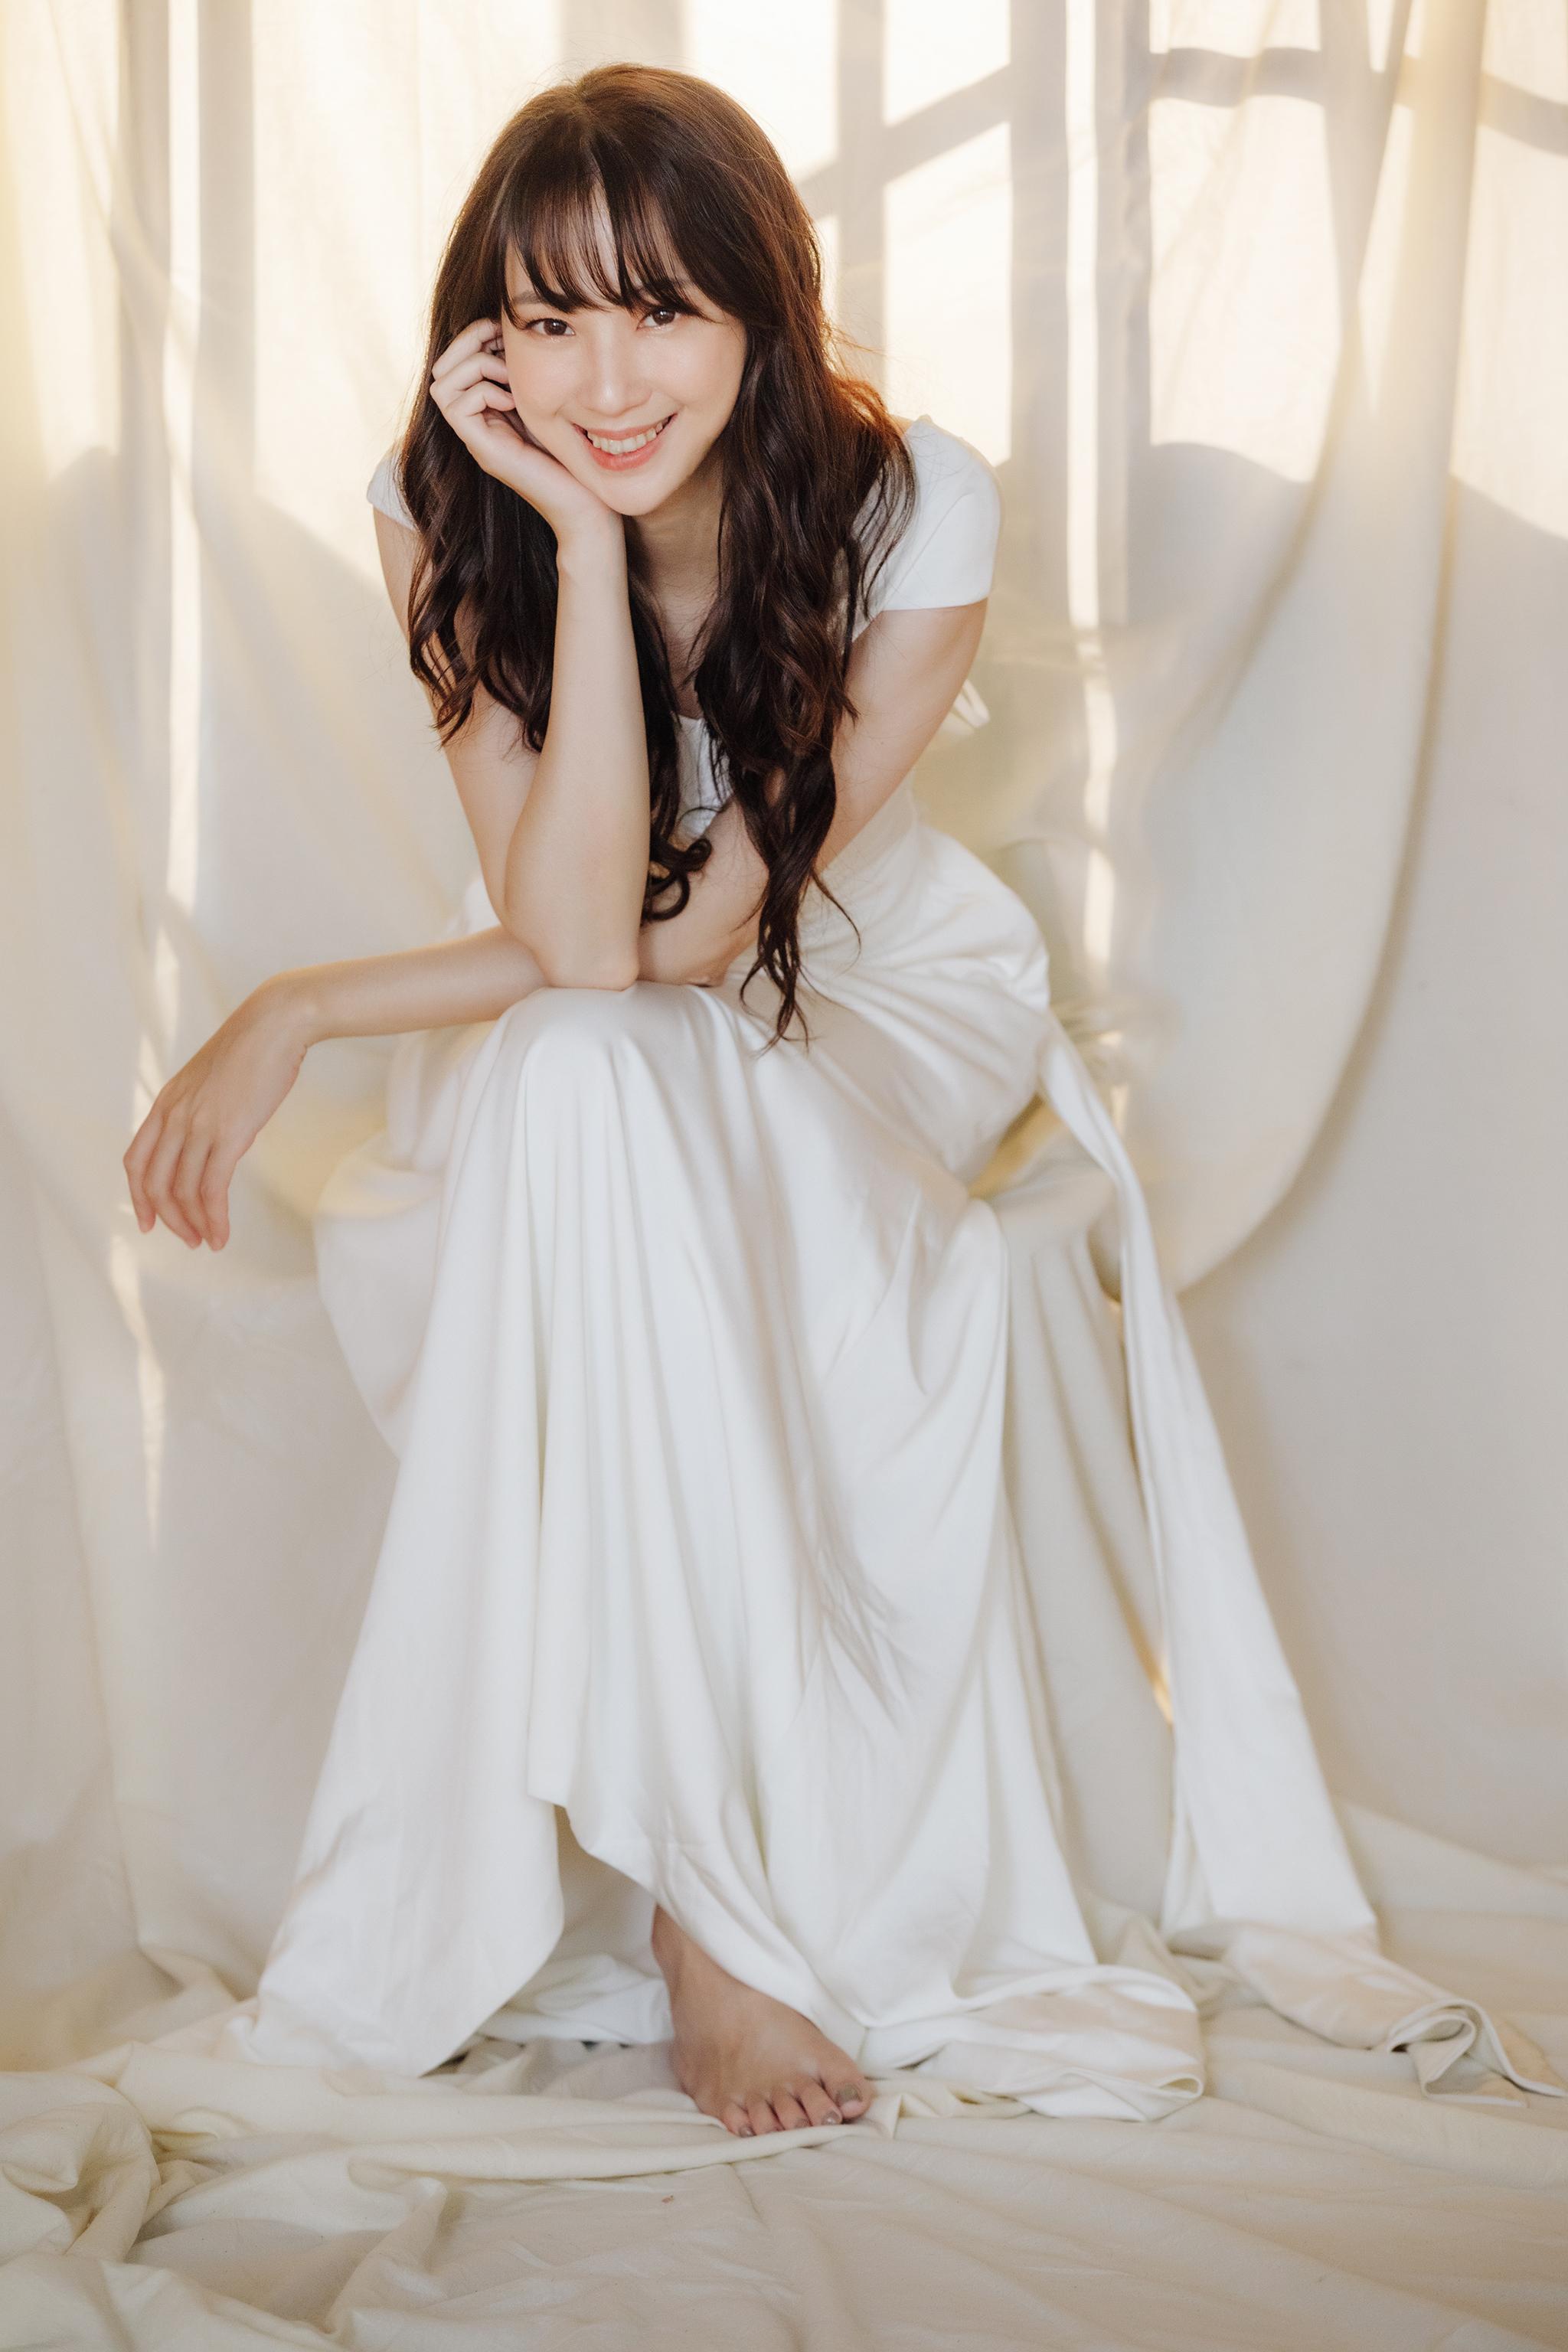 50660109842 97f988d44e o - 【自主婚紗】+Melody+